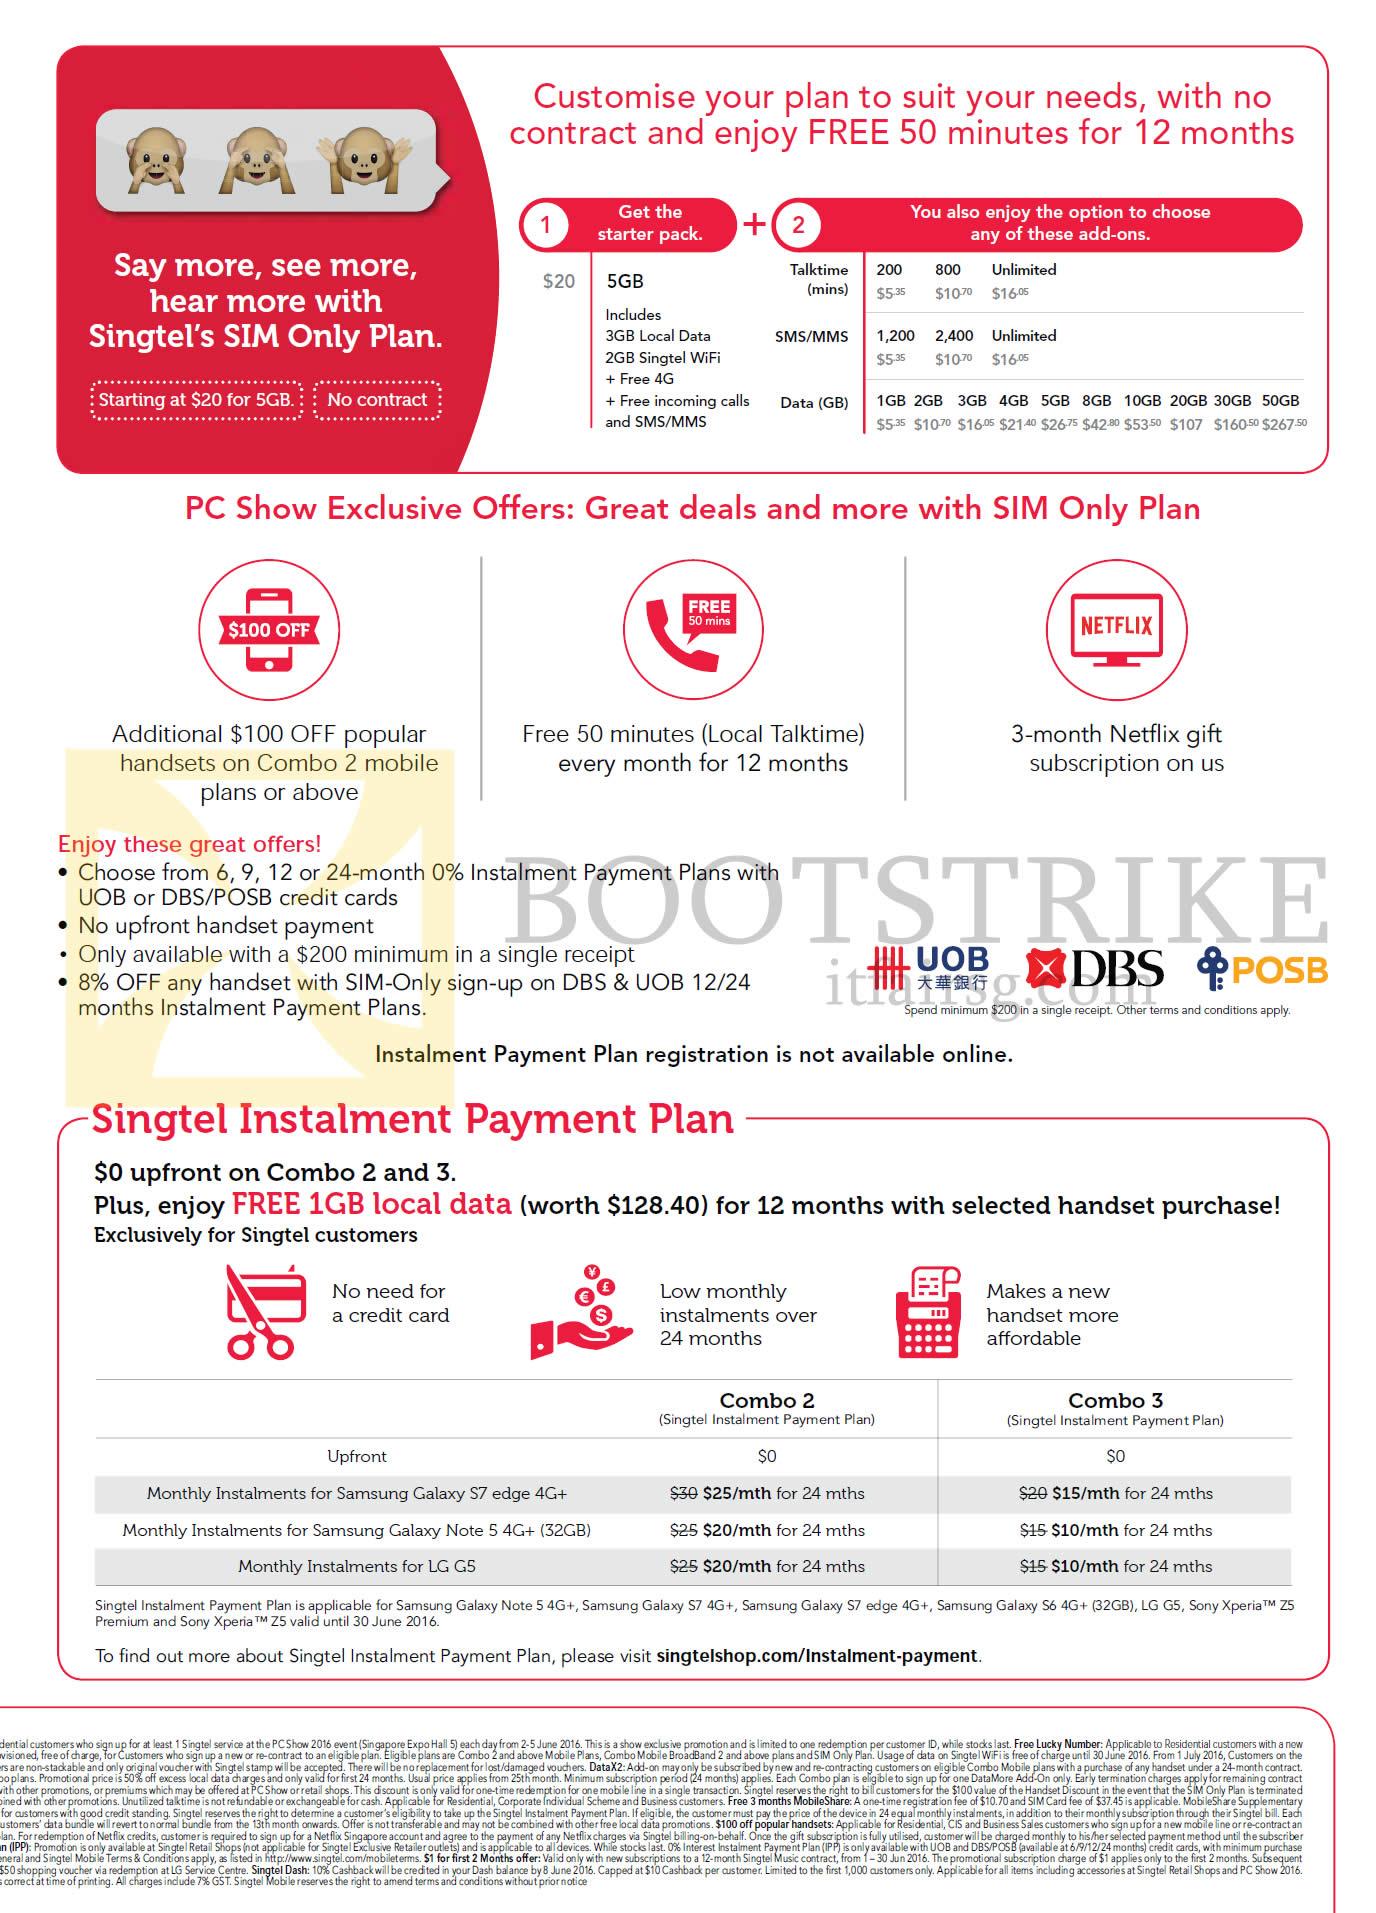 PC SHOW 2016 price list image brochure of Singtel Mobile SIM Only Plans, Instalment Payment Plans, Combo 2, 3